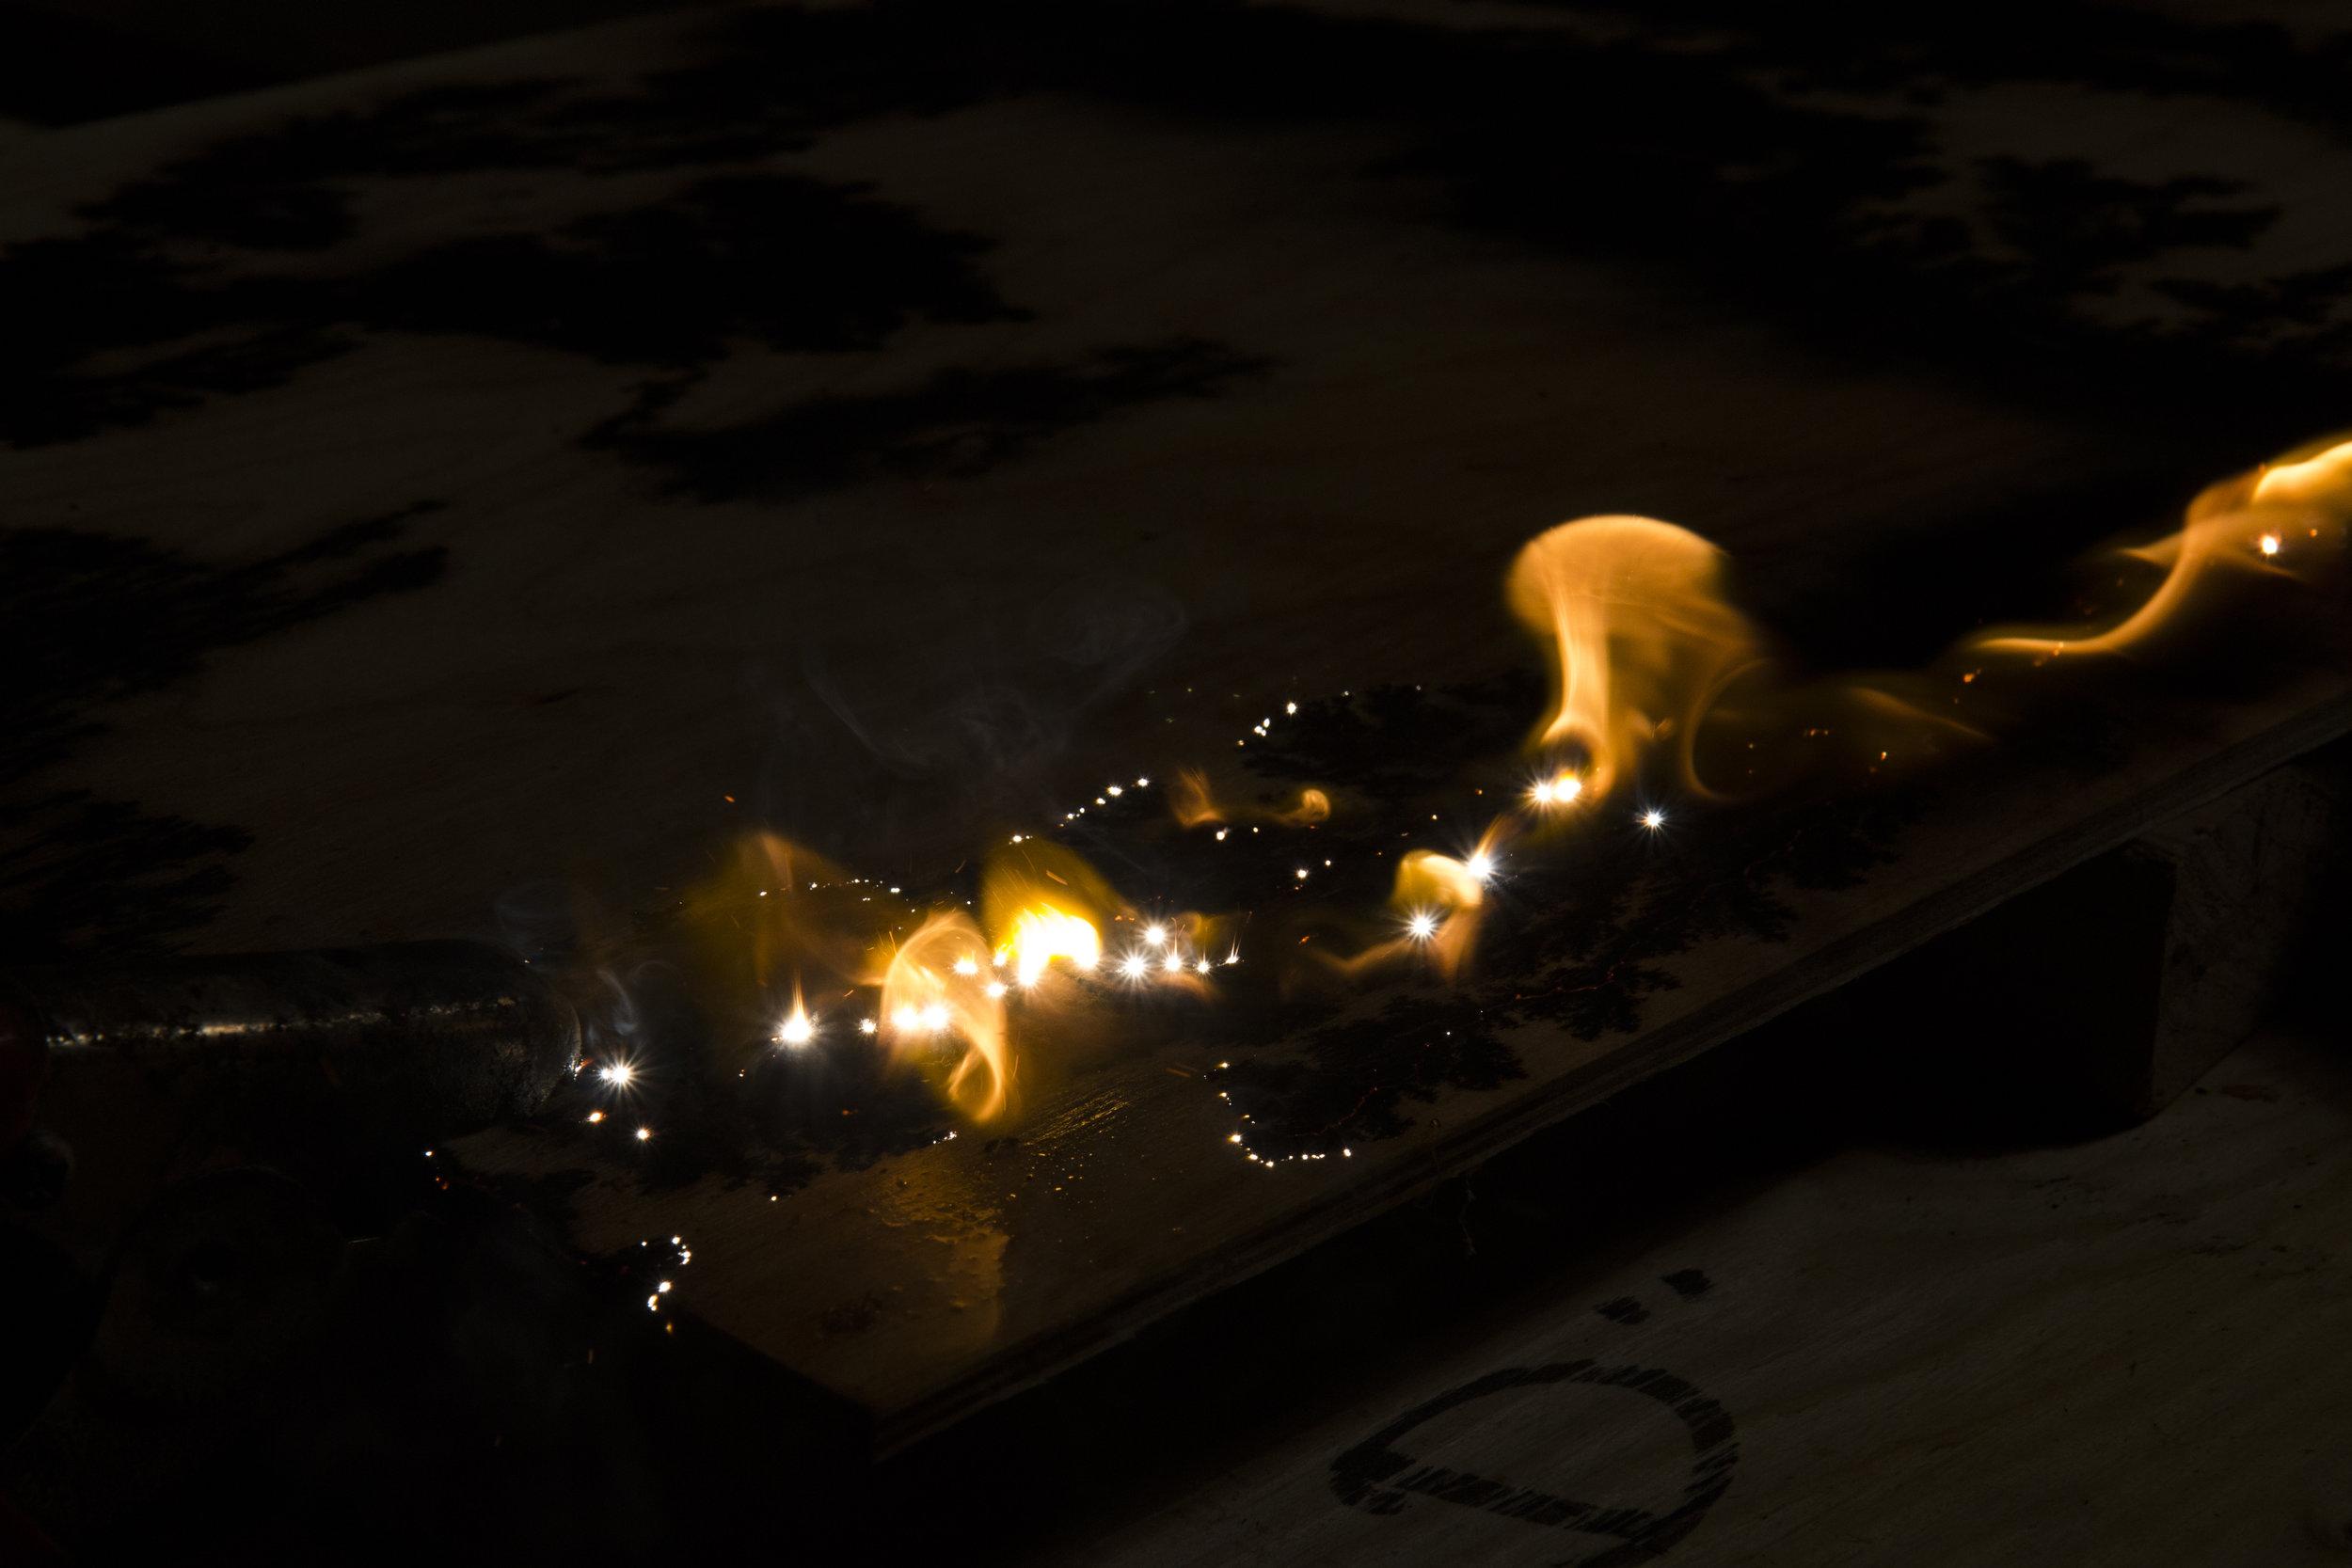 wood burning with lightning